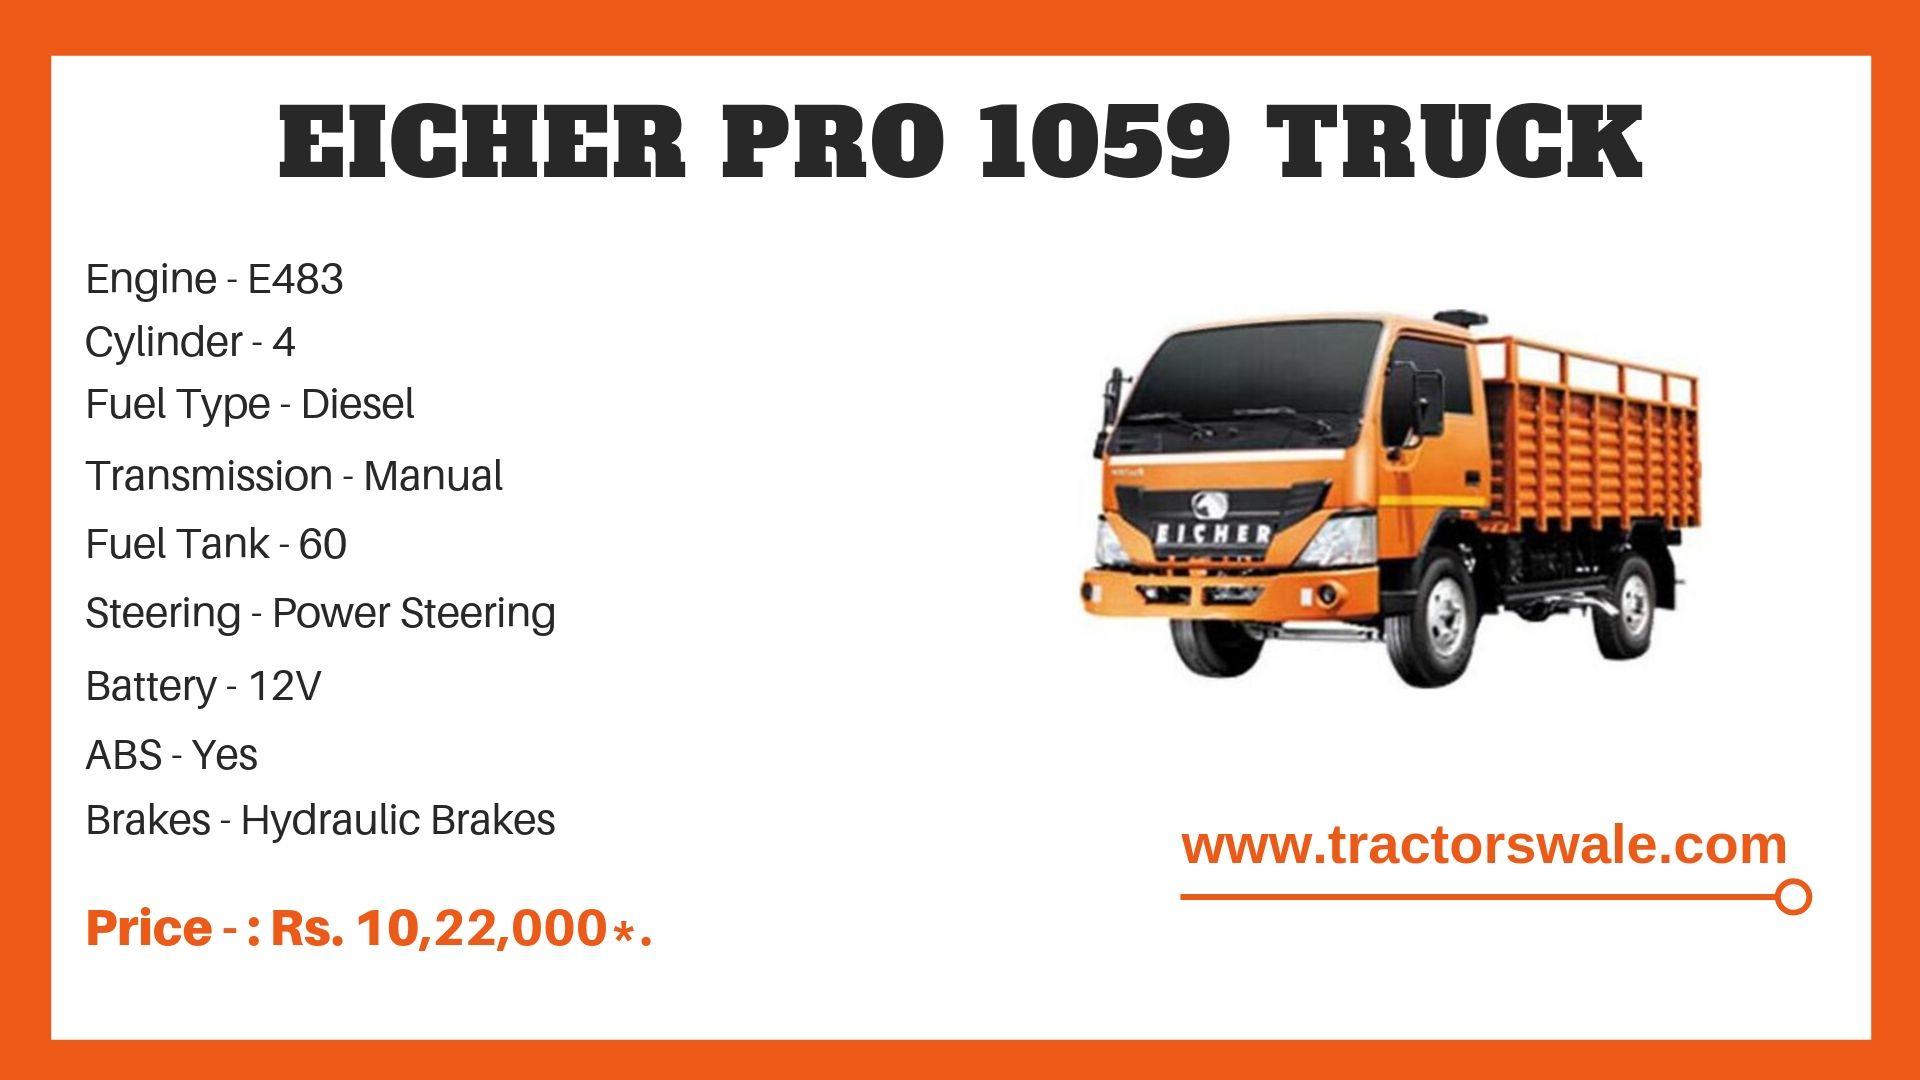 Eicher Pro 1059 Truck specs